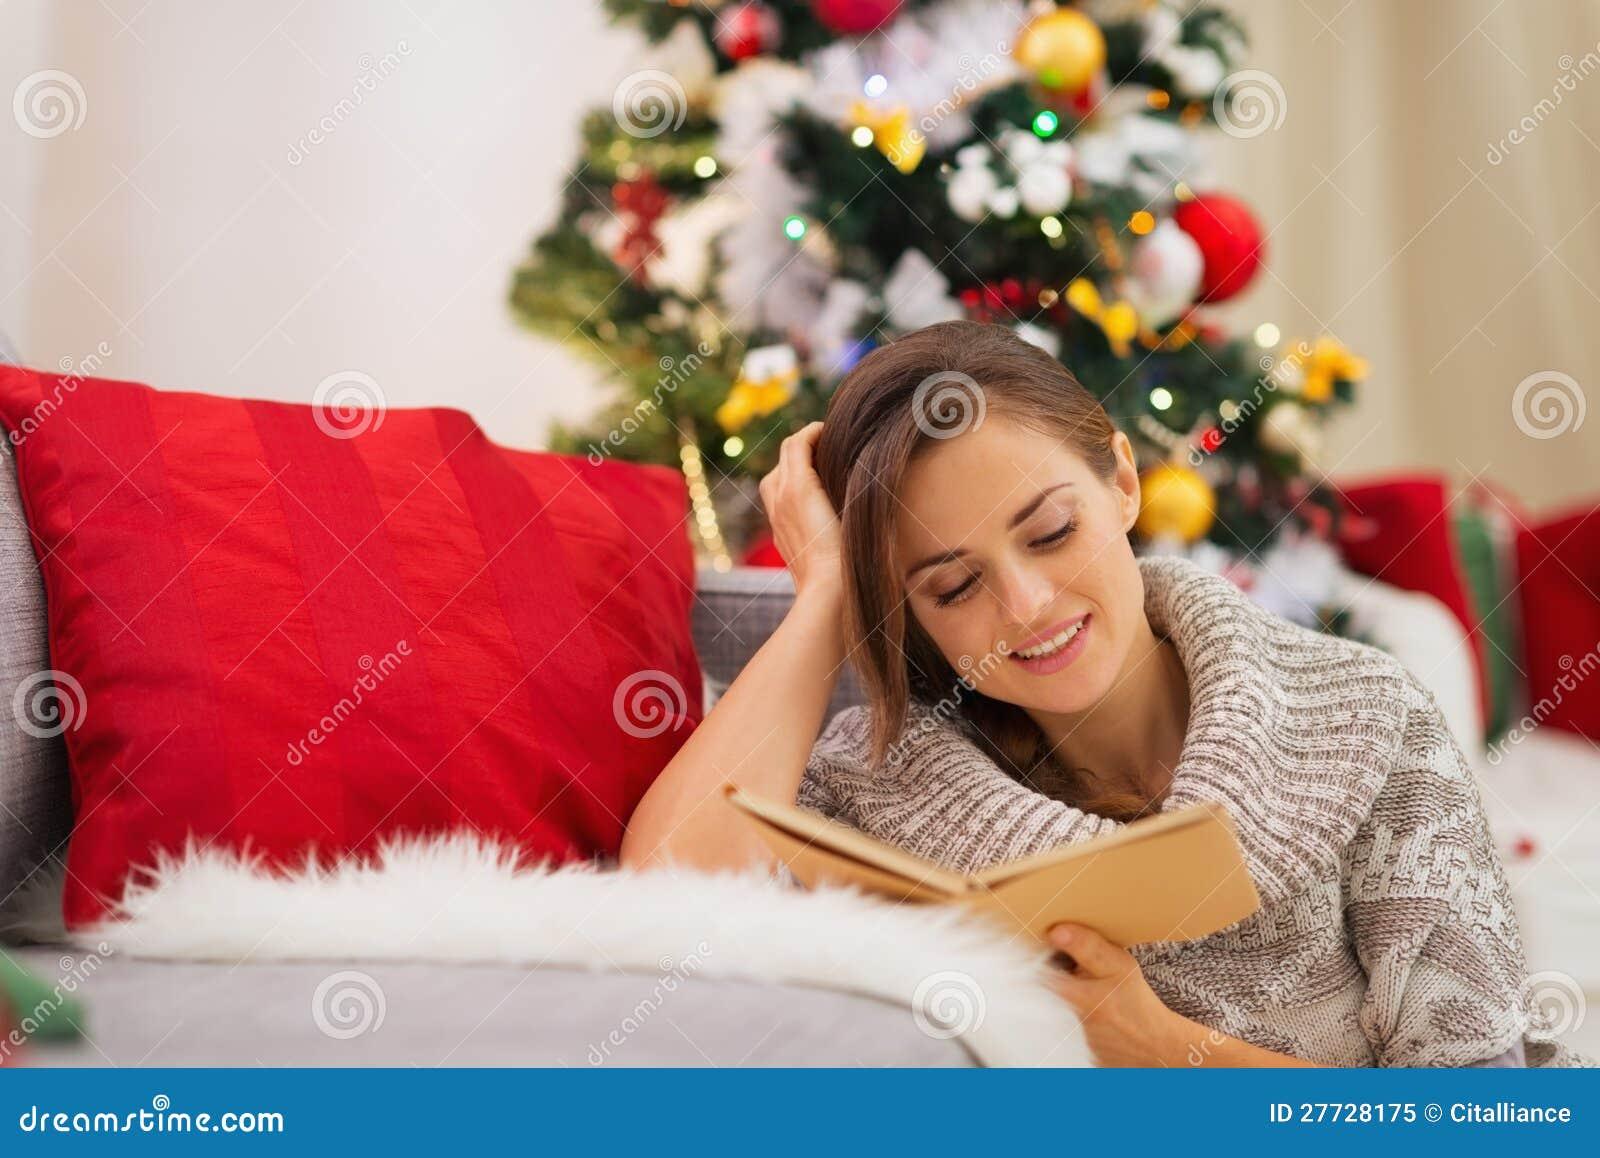 Frauenlesebuch nahe Weihnachtsbaum